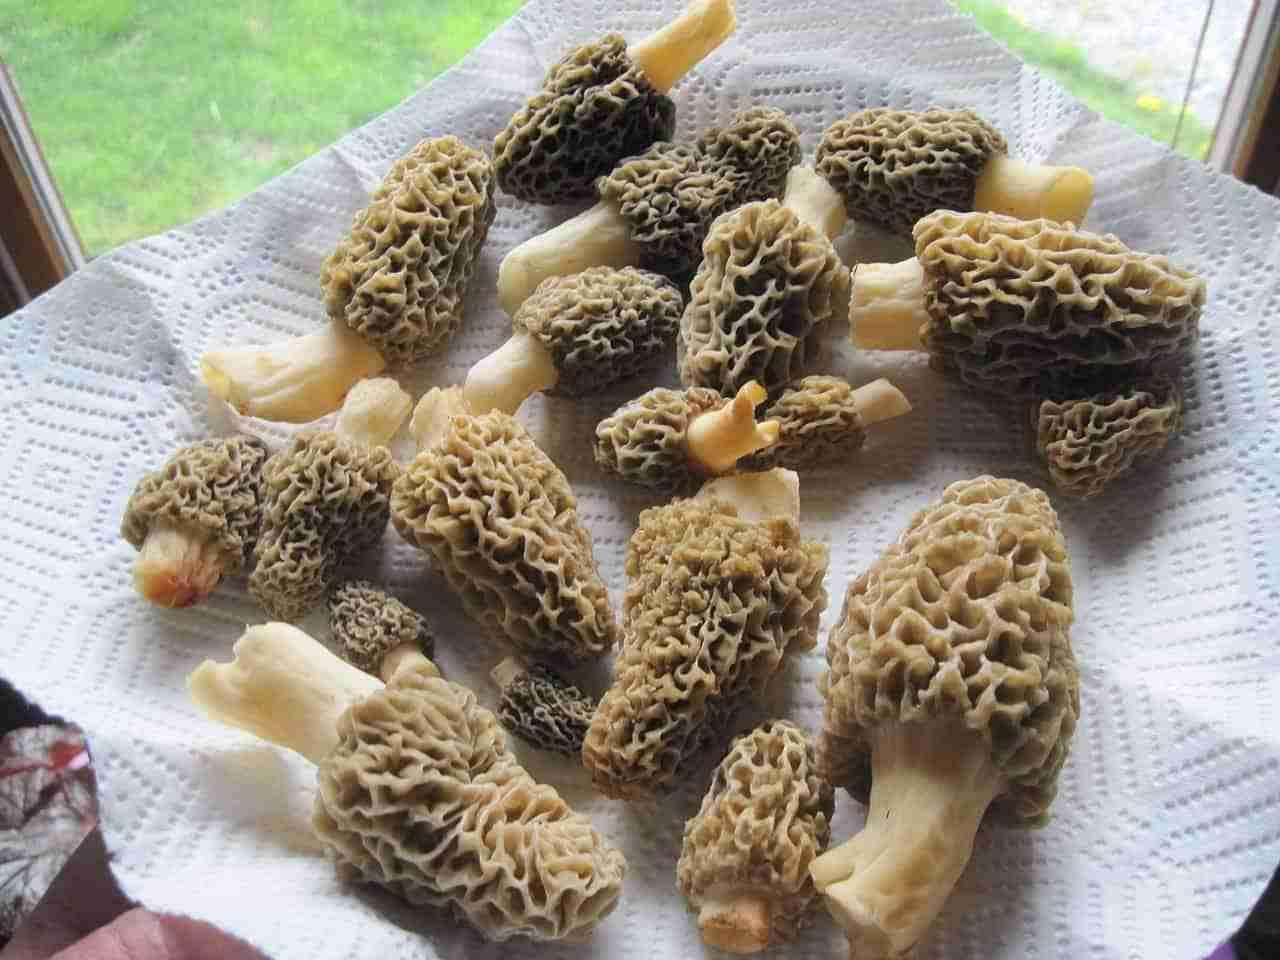 Common mushrooms - morels